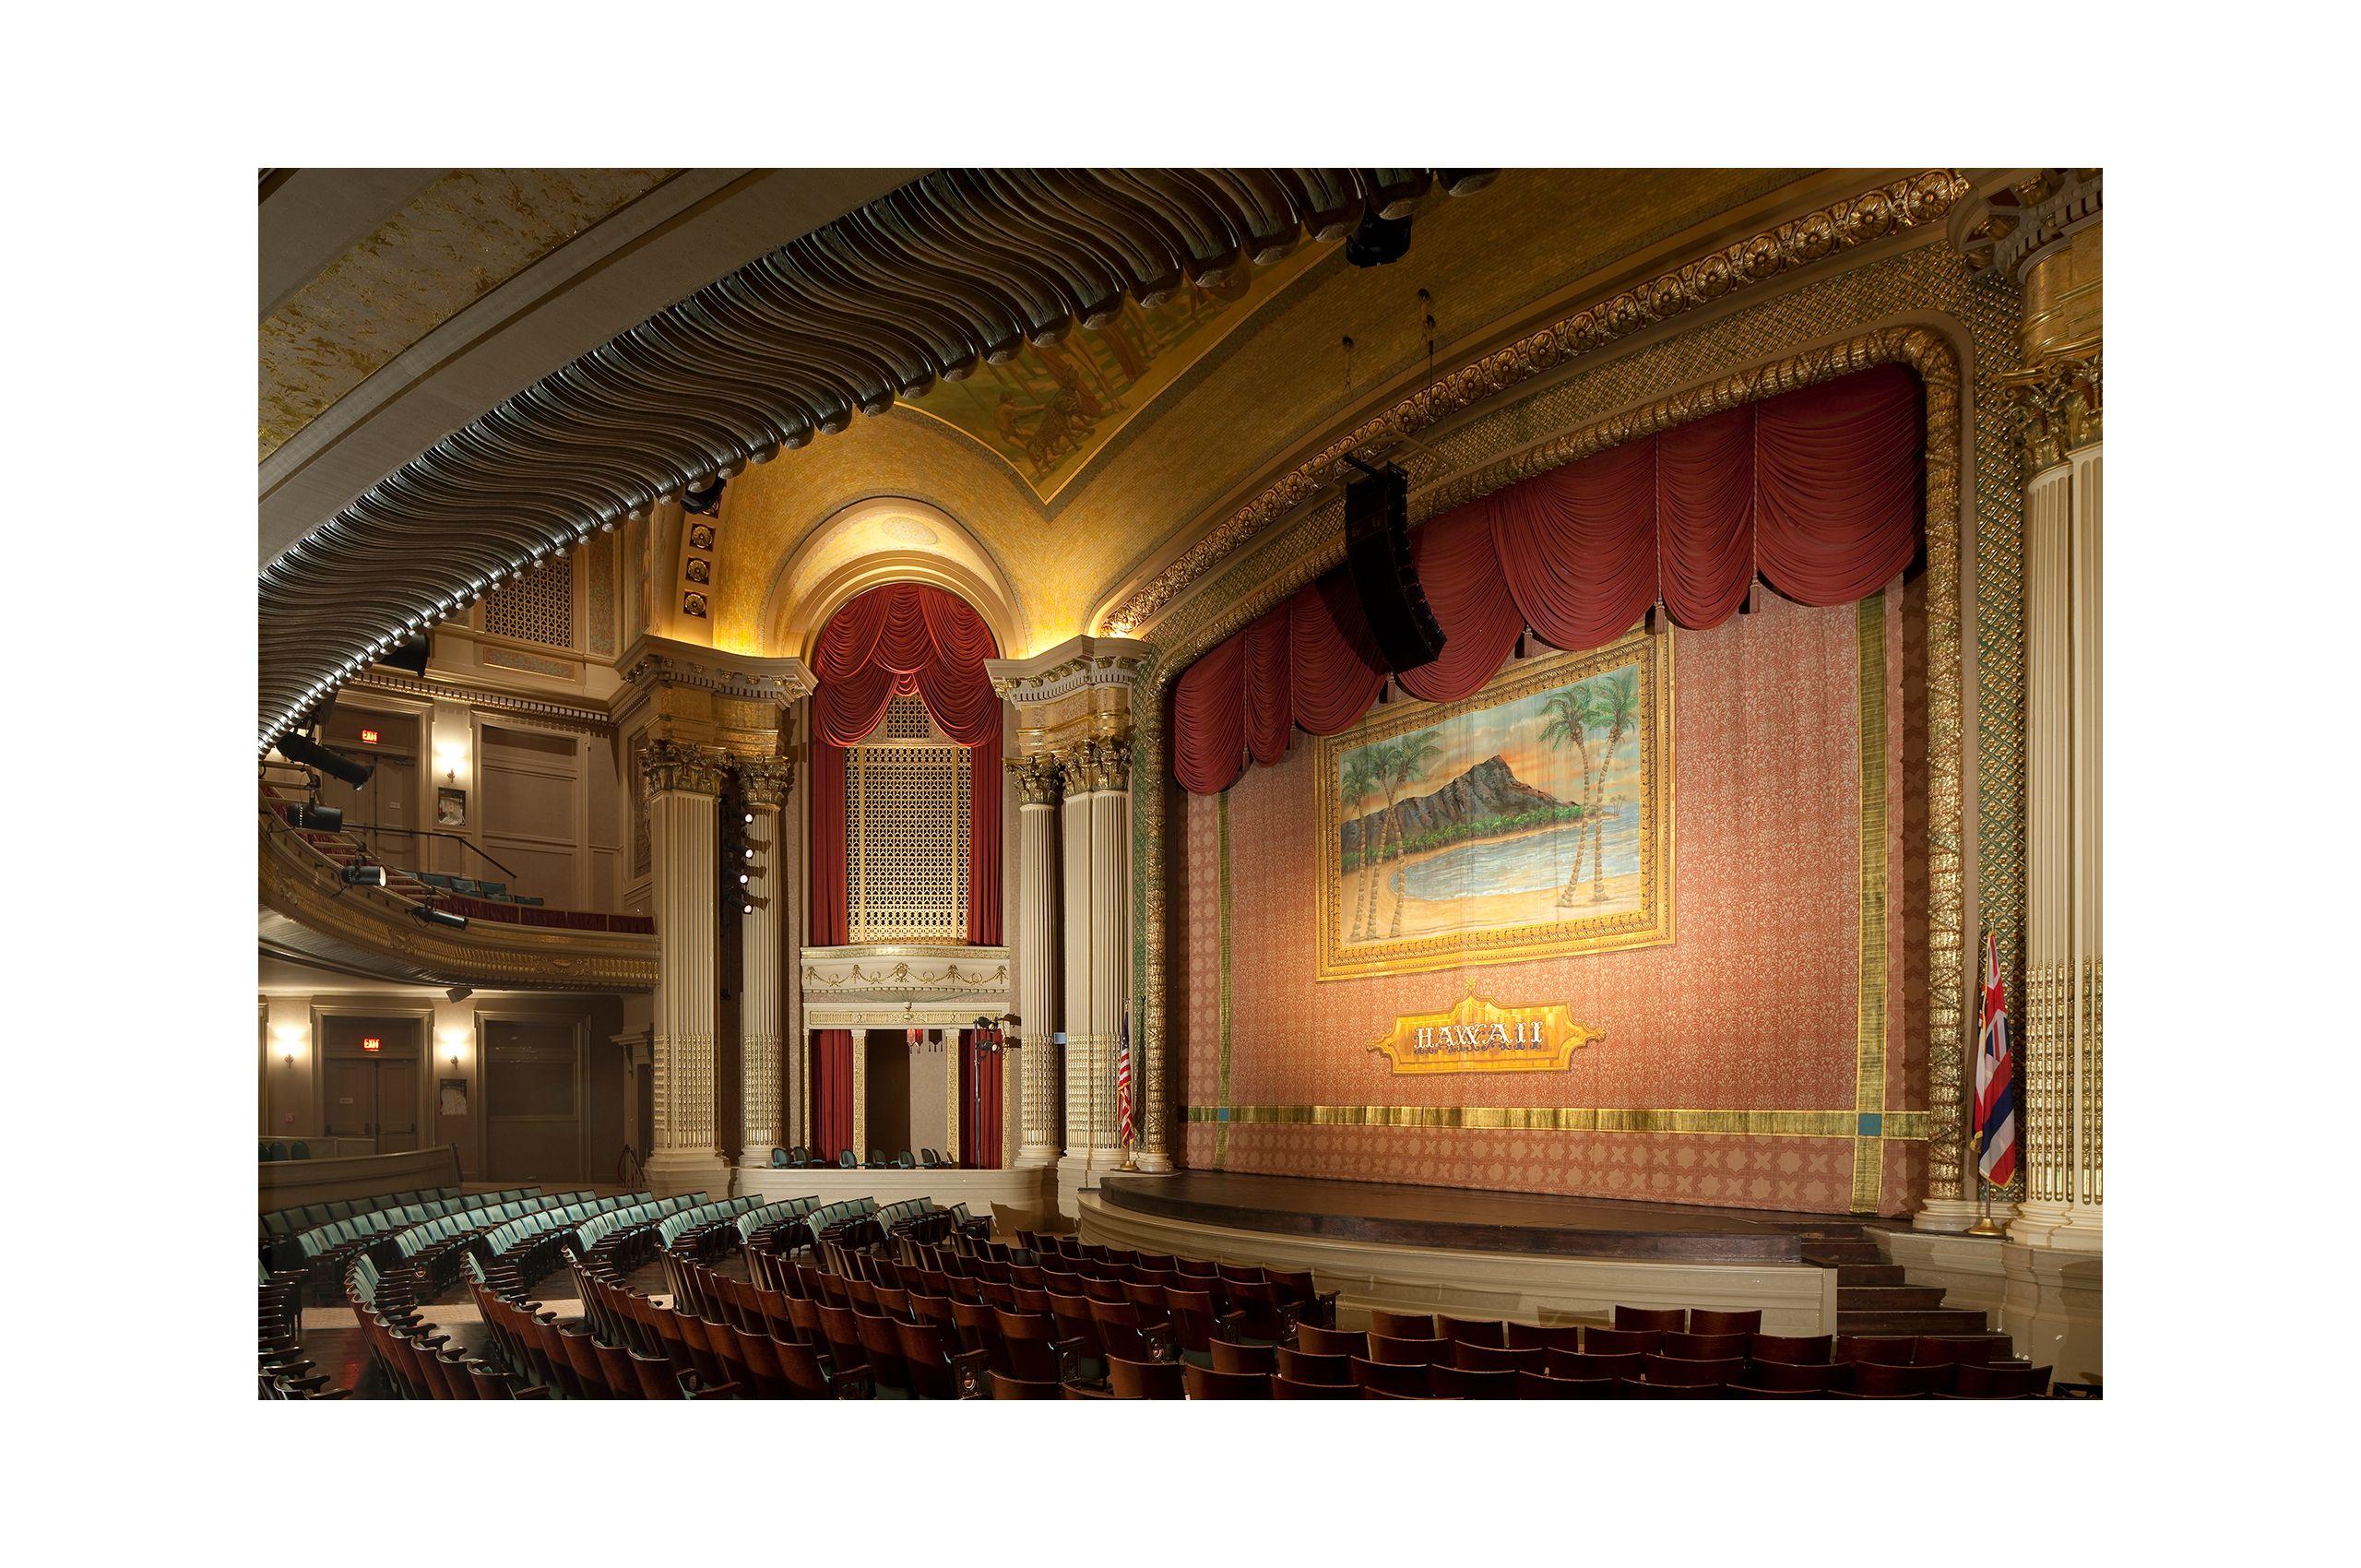 NEWLIVEBOOKS-HawaiiTheater.jpg